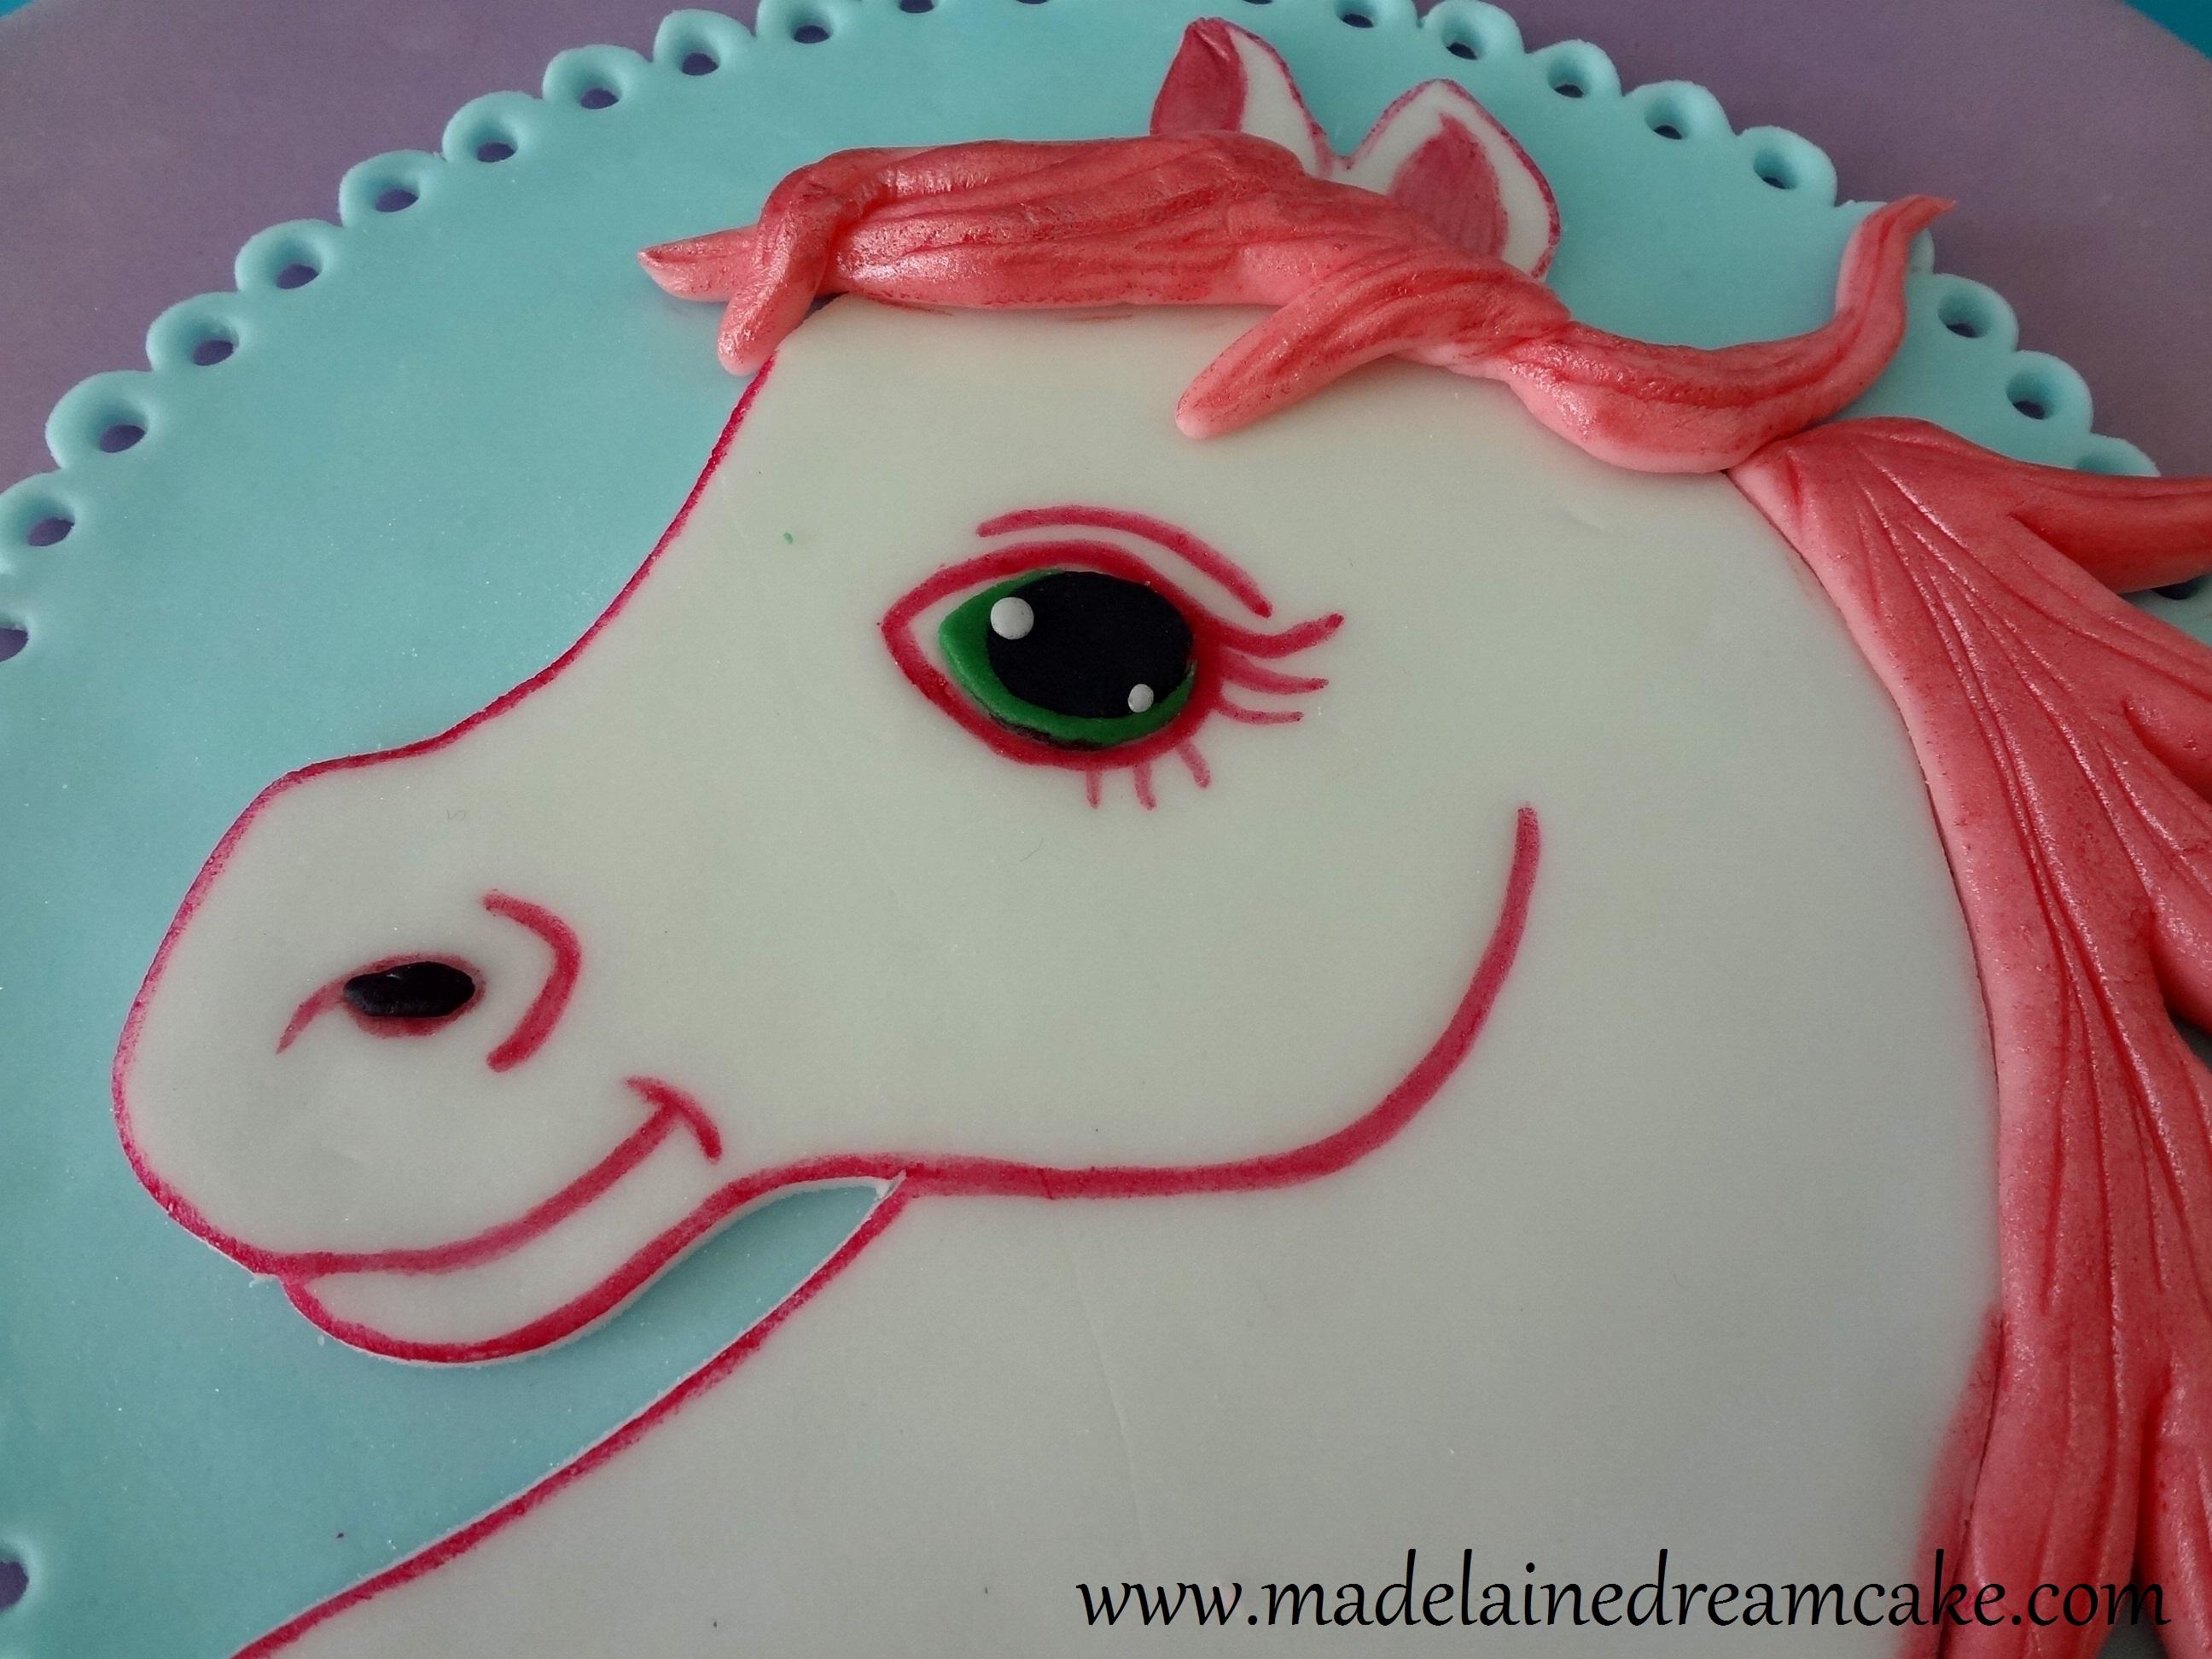 Rössli Torte | Madelainedreamcake